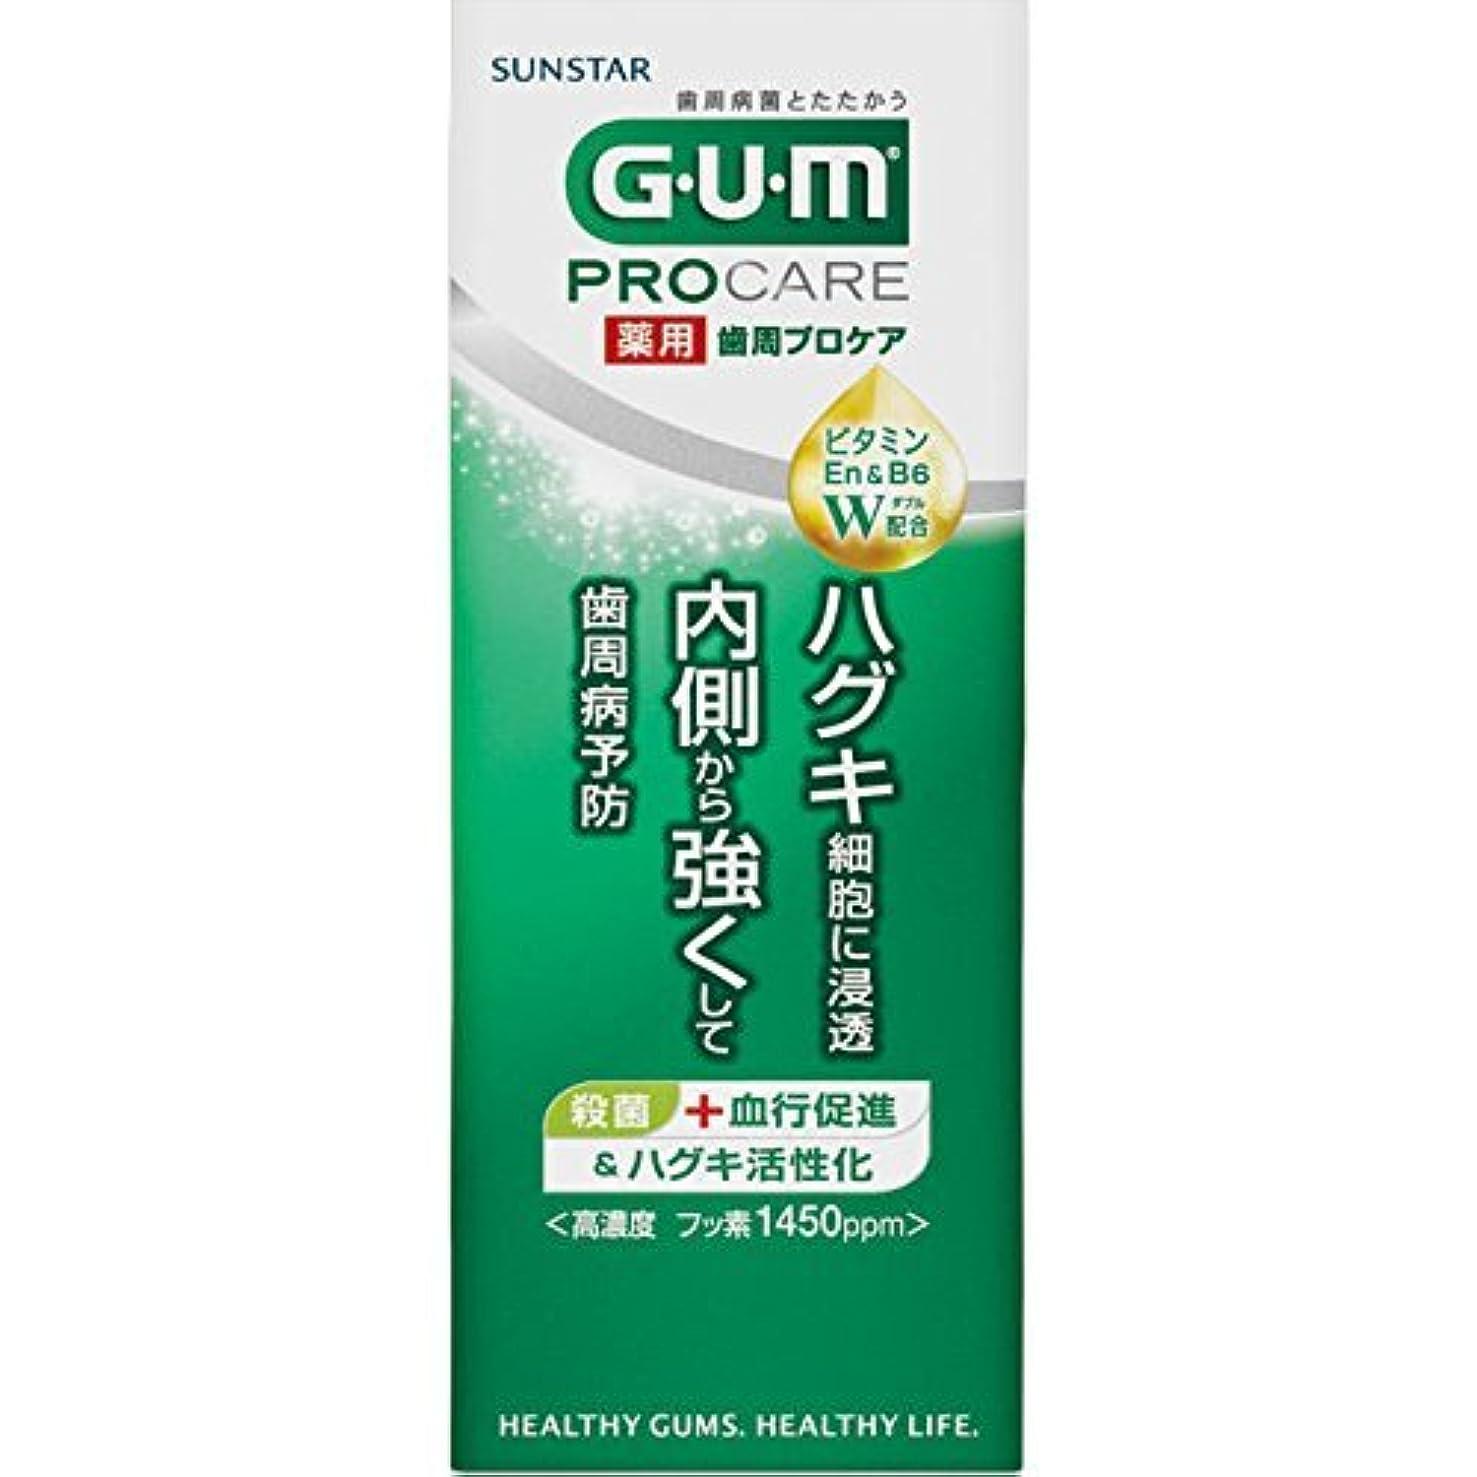 良性不屈ネスト[医薬部外品] GUM(ガム) 歯周プロケア 歯みがき ミニサイズ トライアル 50g <歯周病予防 ハグキケア 高濃度フッ素配合 1450ppm>